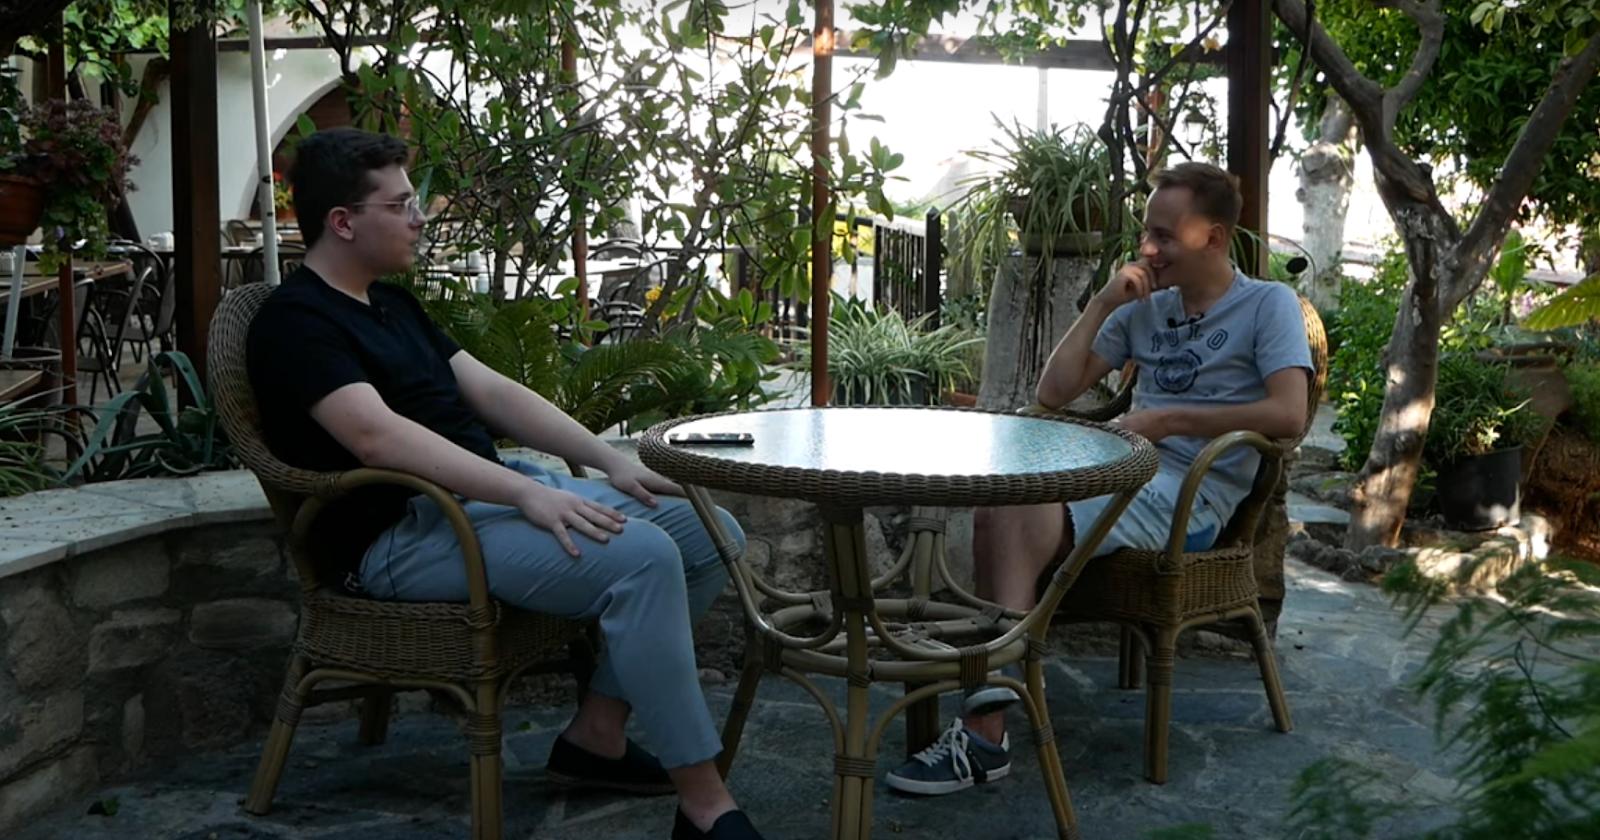 Заработать на дропшиппинге: Как Георгий Карась в 20 лет вышел на оборот в $800 тыс. в месяц